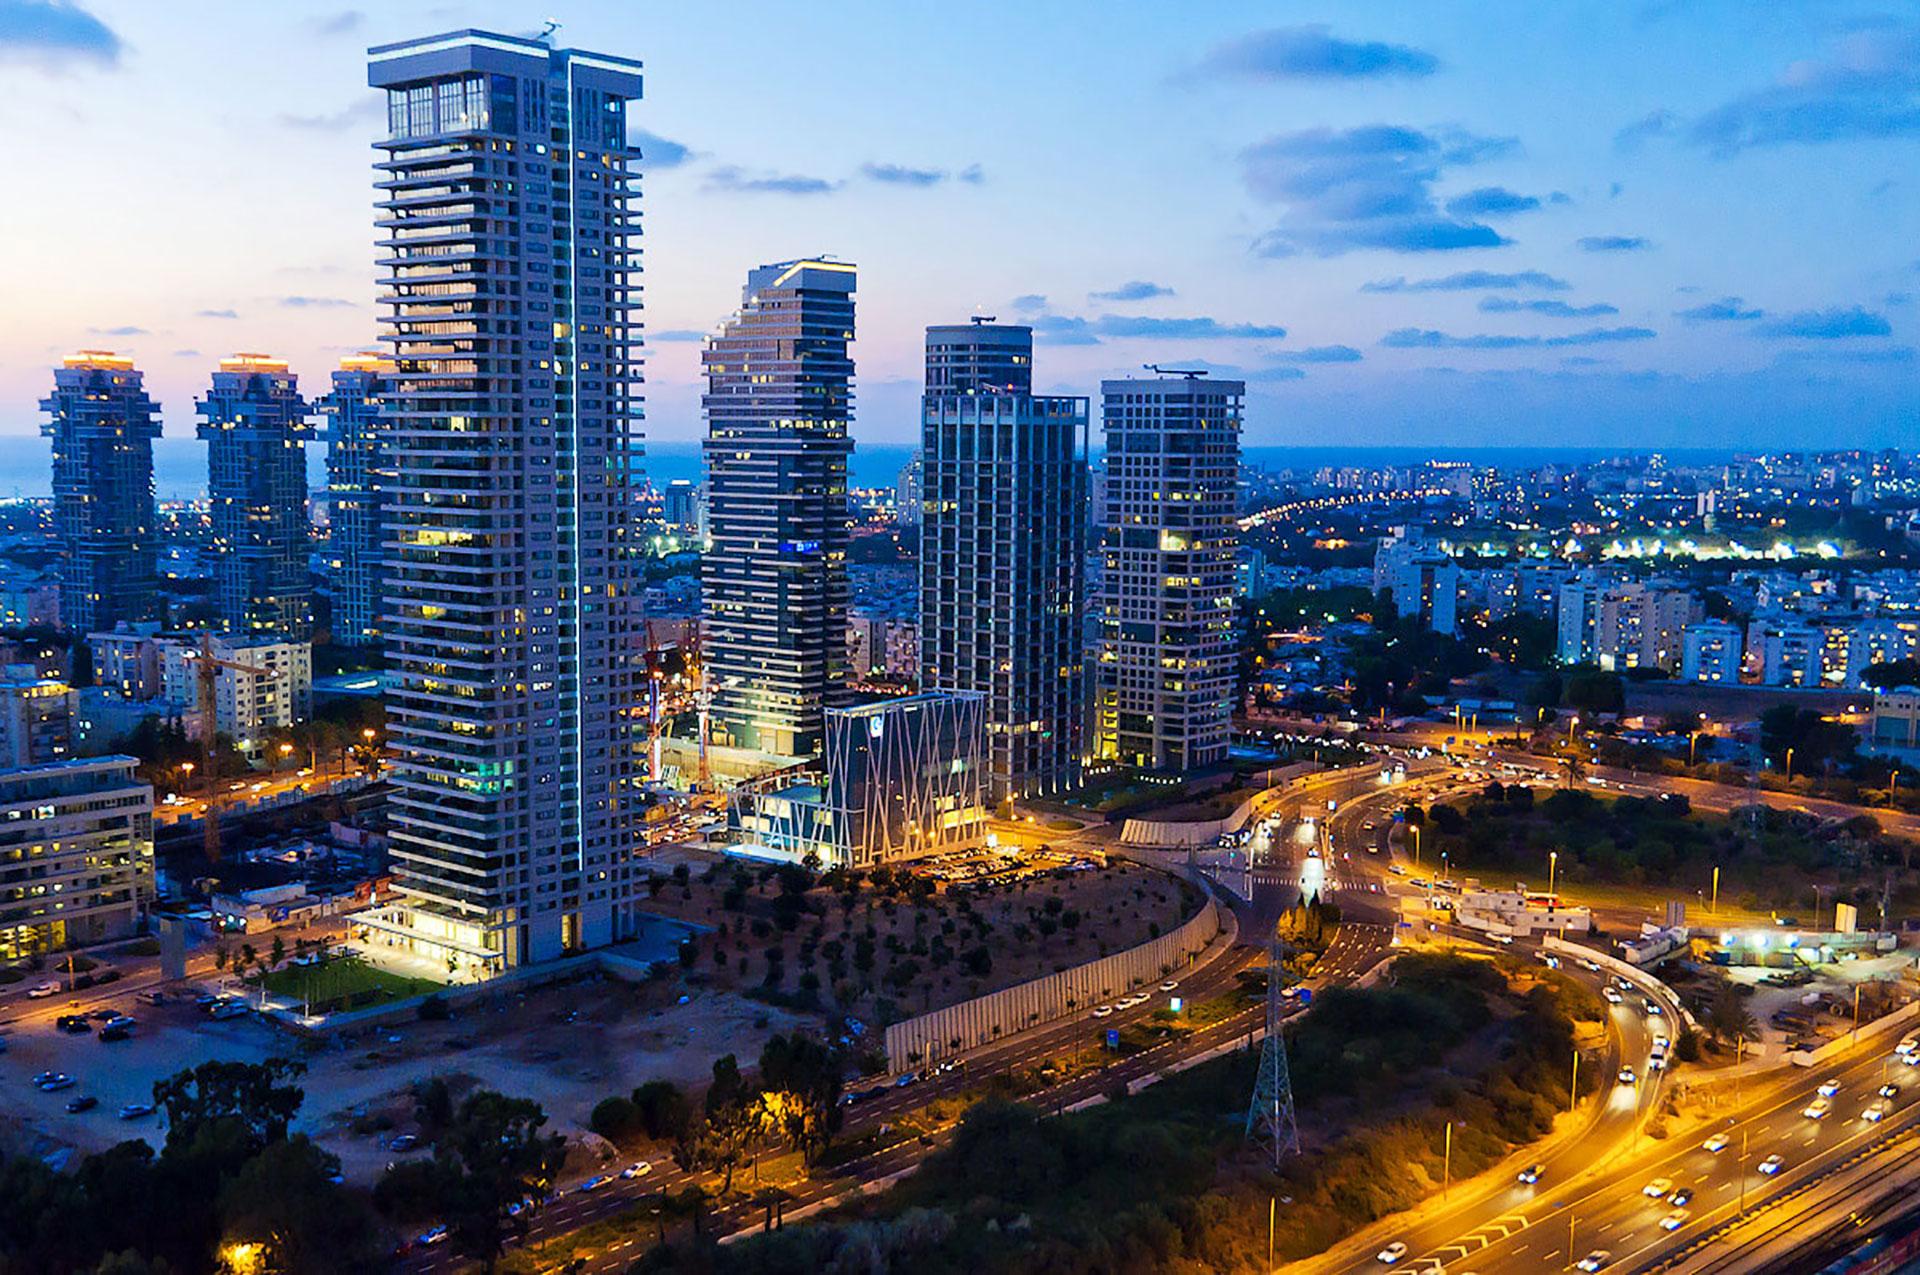 La ciudad más moderna de Israel, ocupa el primer puesto ya que ofrece a las mascotas tantas comodidades como a los seres humanos (Getty Images)